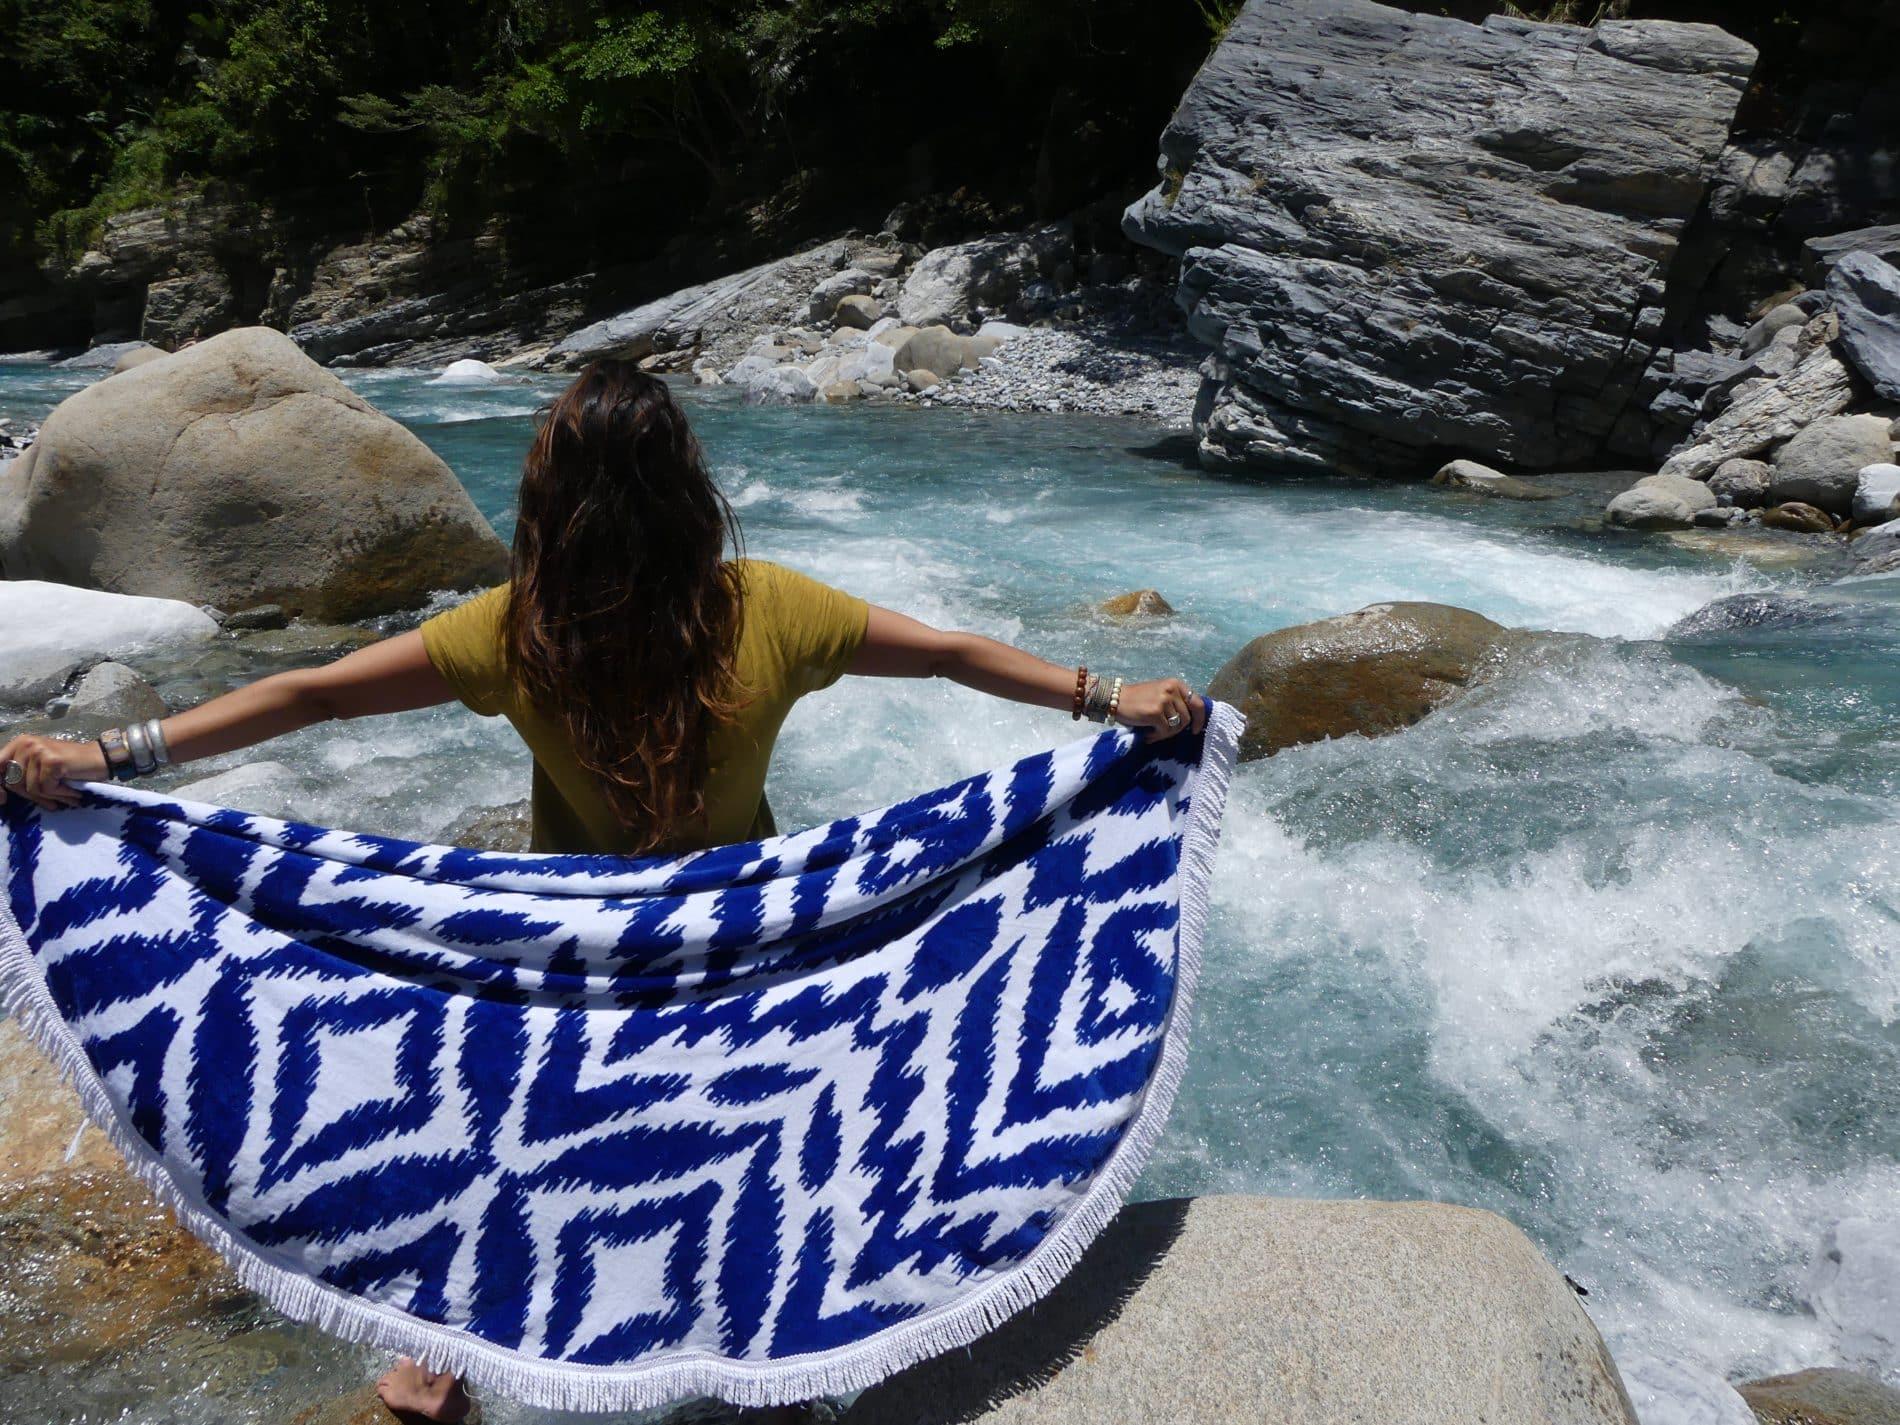 Mademoiselle voyage-serviette ethnique les Antillaises